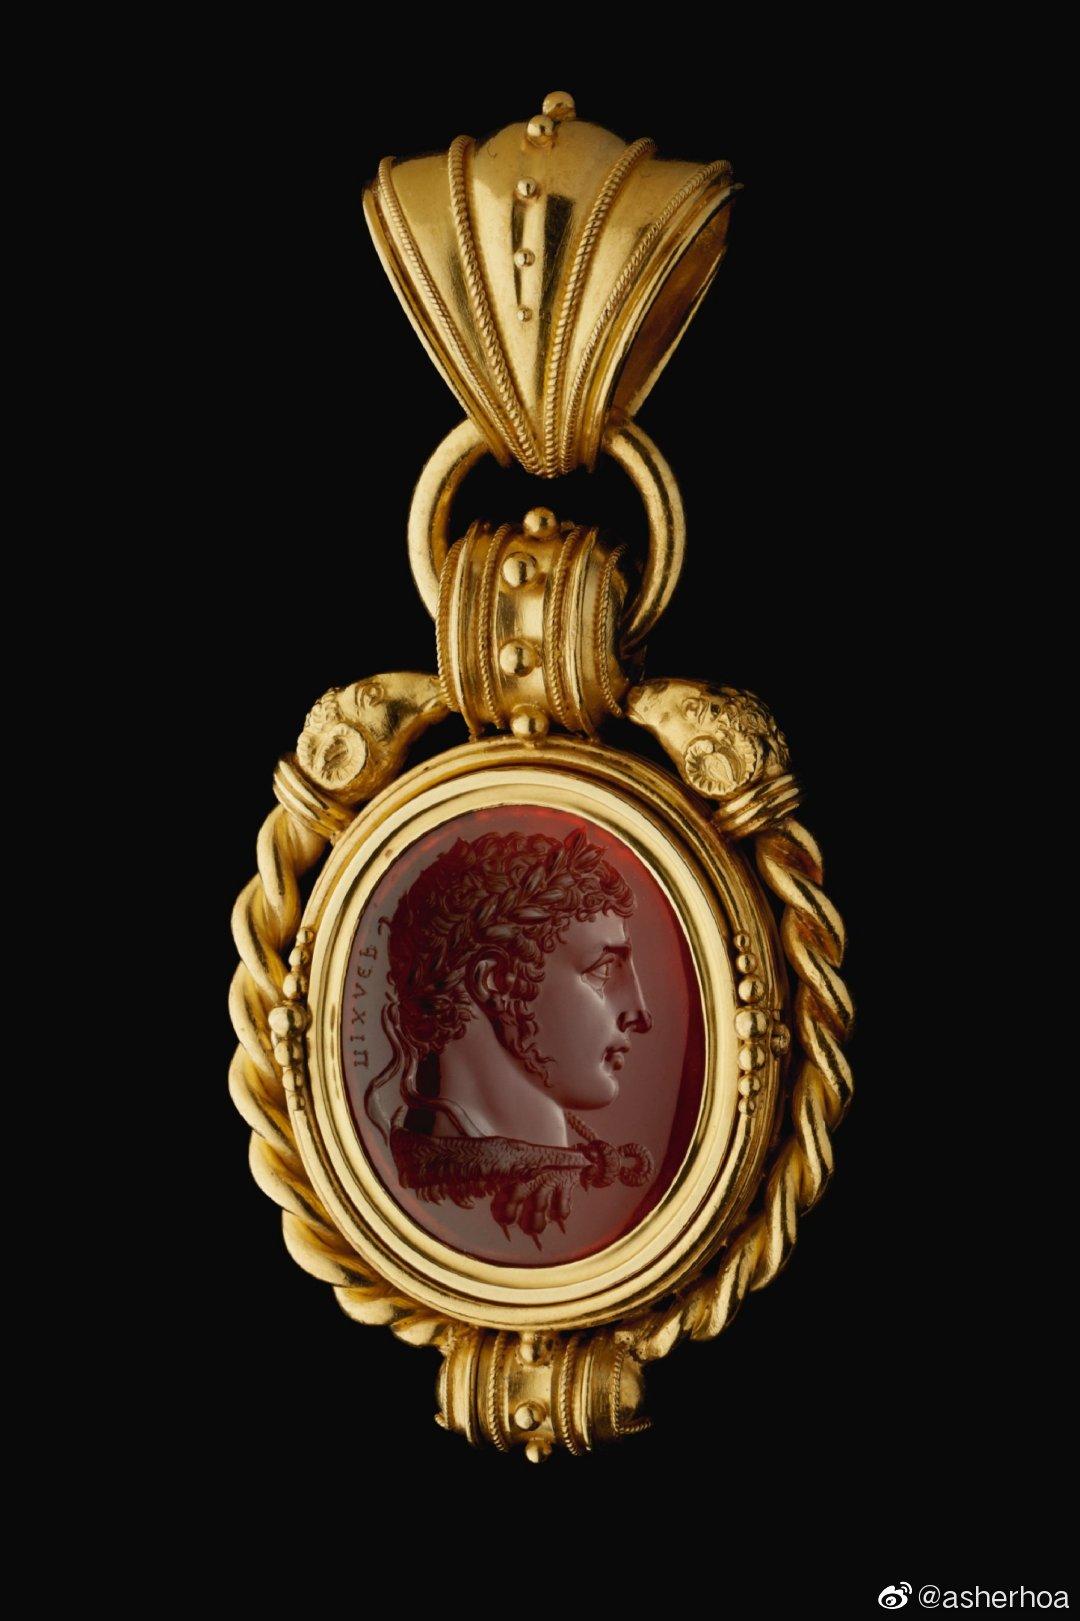 意大利宝石雕刻家Luigi Pichler(1773-1854)1810年左右创作与罗马的